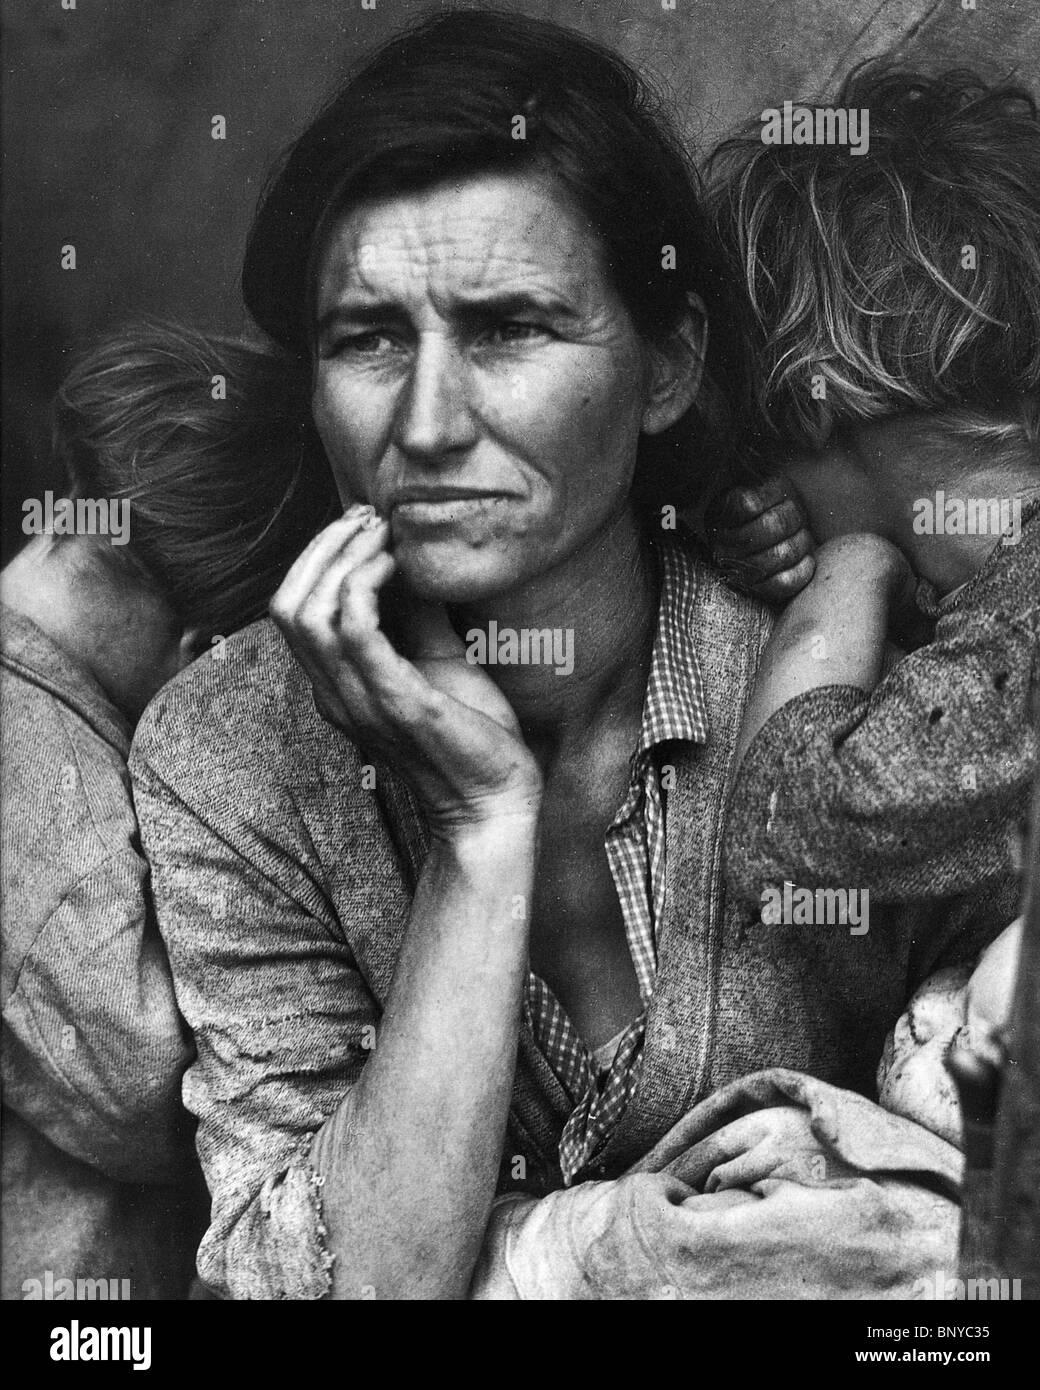 Mère migrante - Dorothea Lange's iconic photo prise au cours de la dépression américaine en 1936 Photo Stock